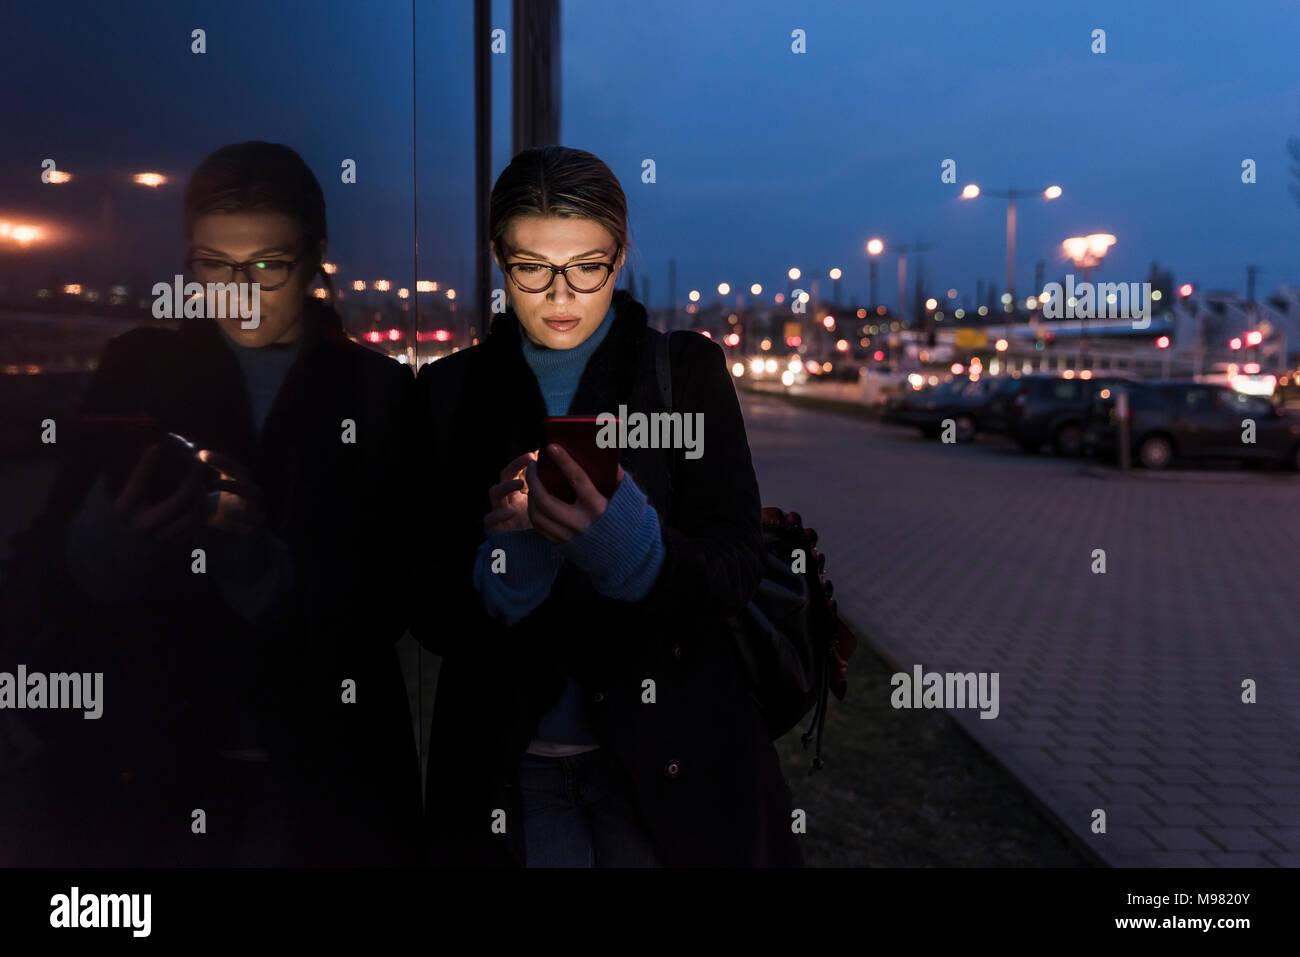 Junge Frau lehnte sich gegen die Glasfront in der Nacht über Mobiltelefon Stockbild